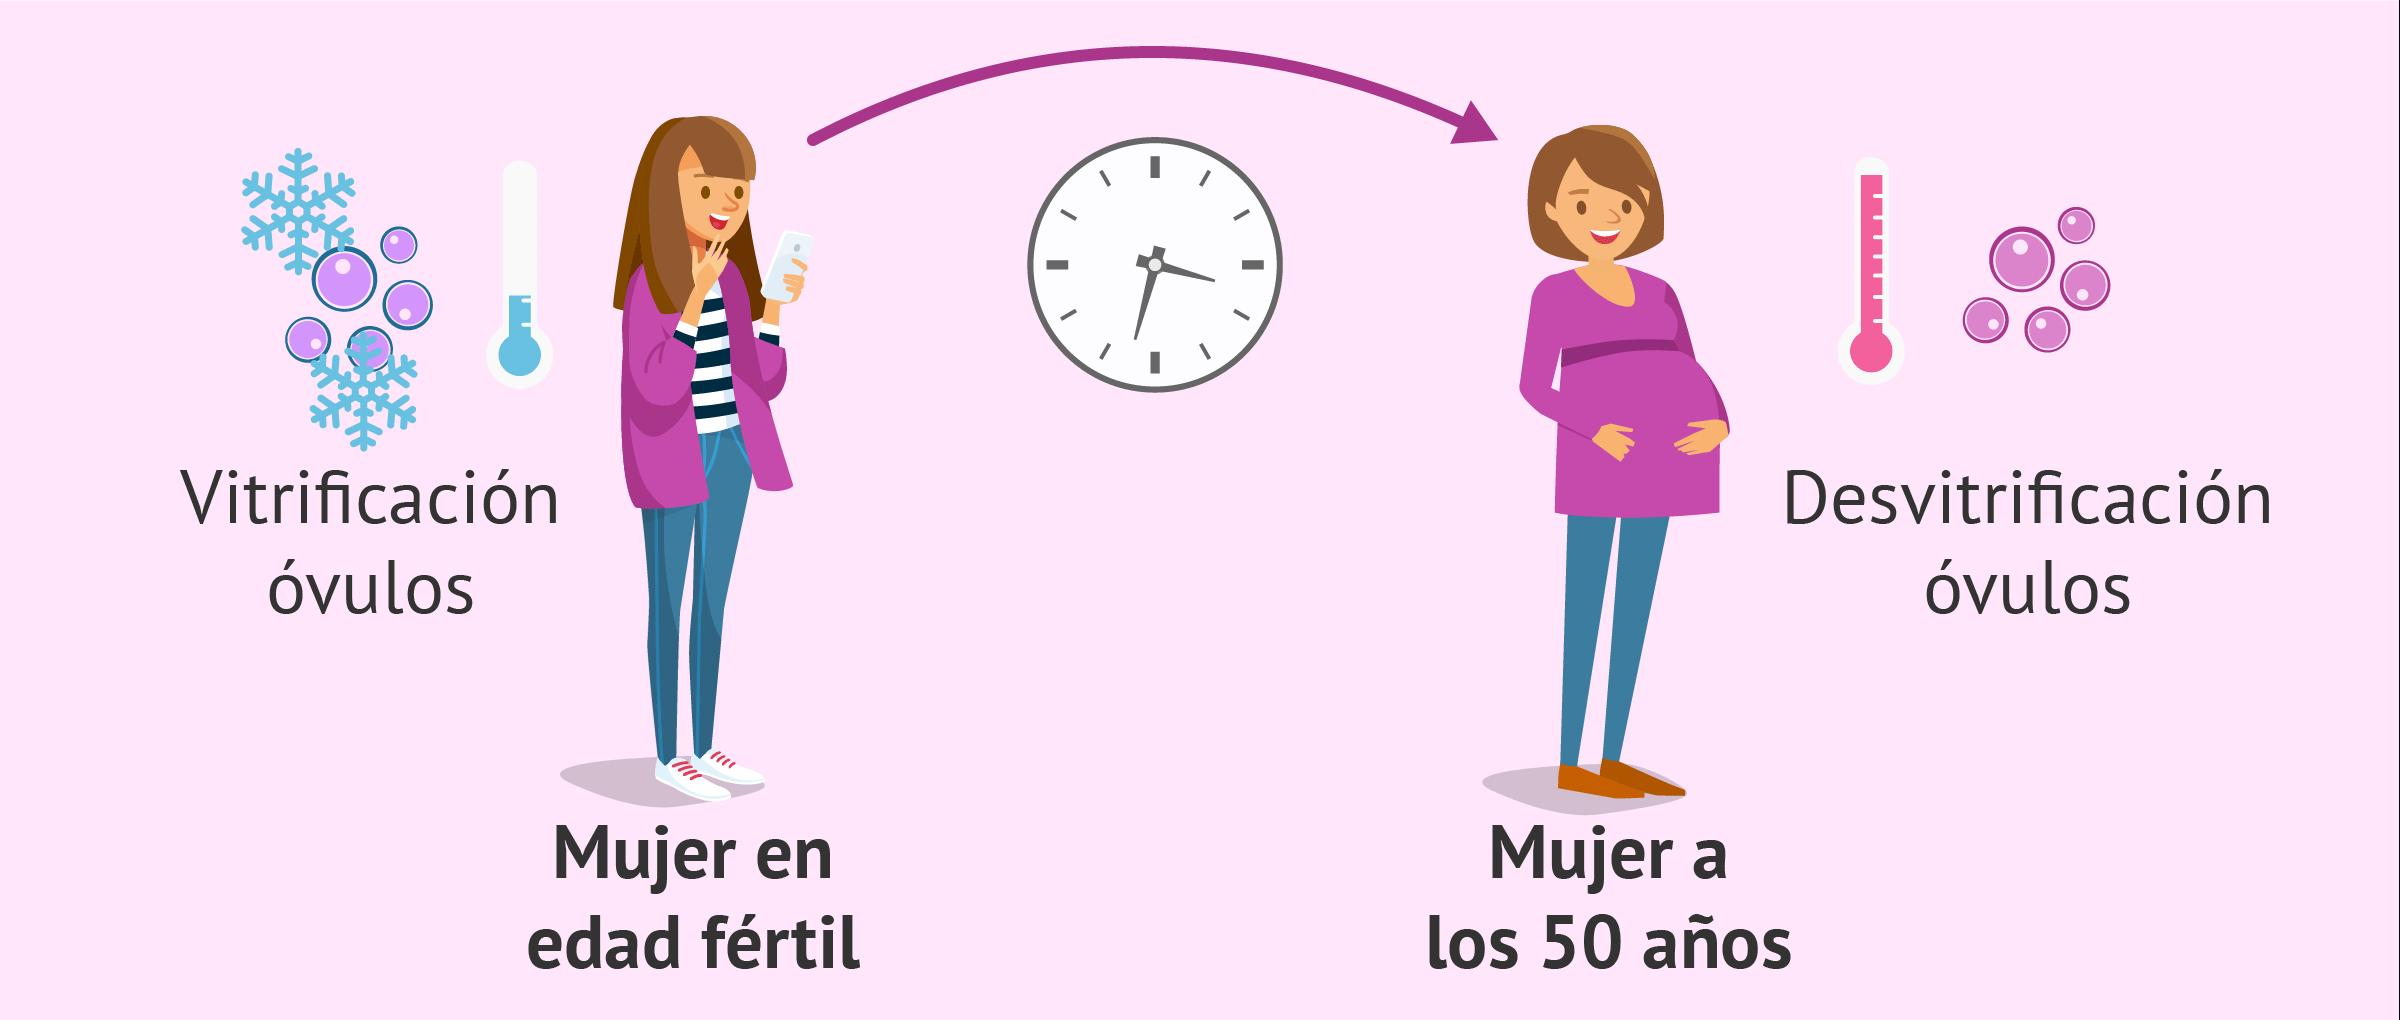 ¿Se puede ser madre con 50 años? - Probabilidad y soluciones